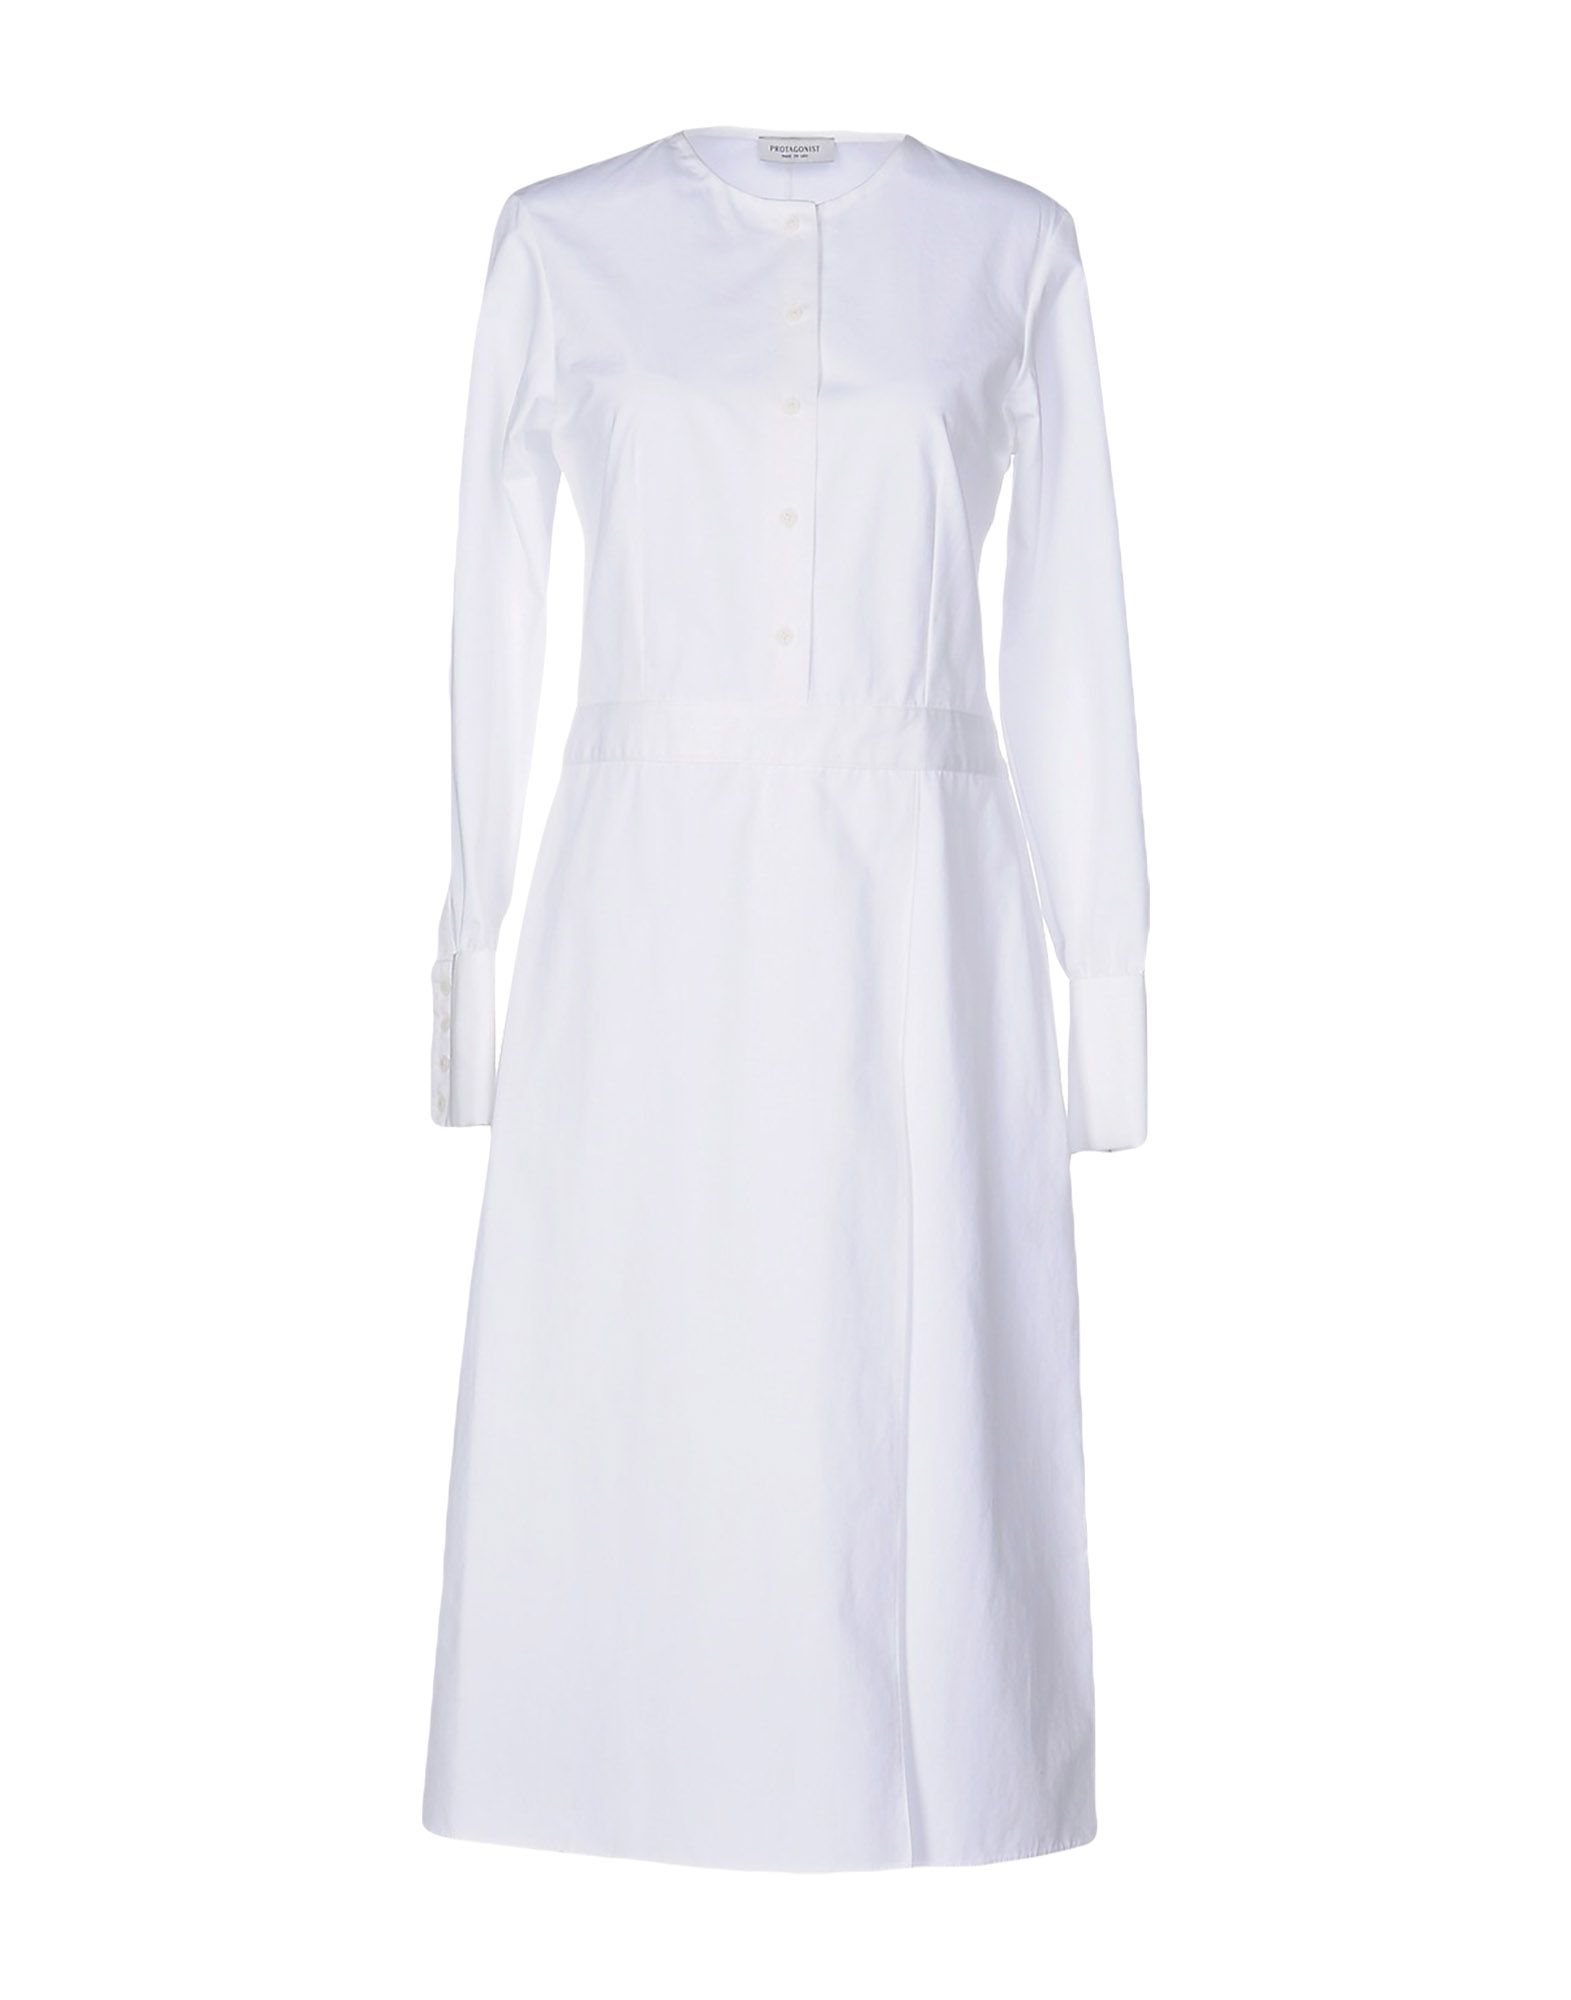 где купить PROTAGONIST Платье до колена по лучшей цене